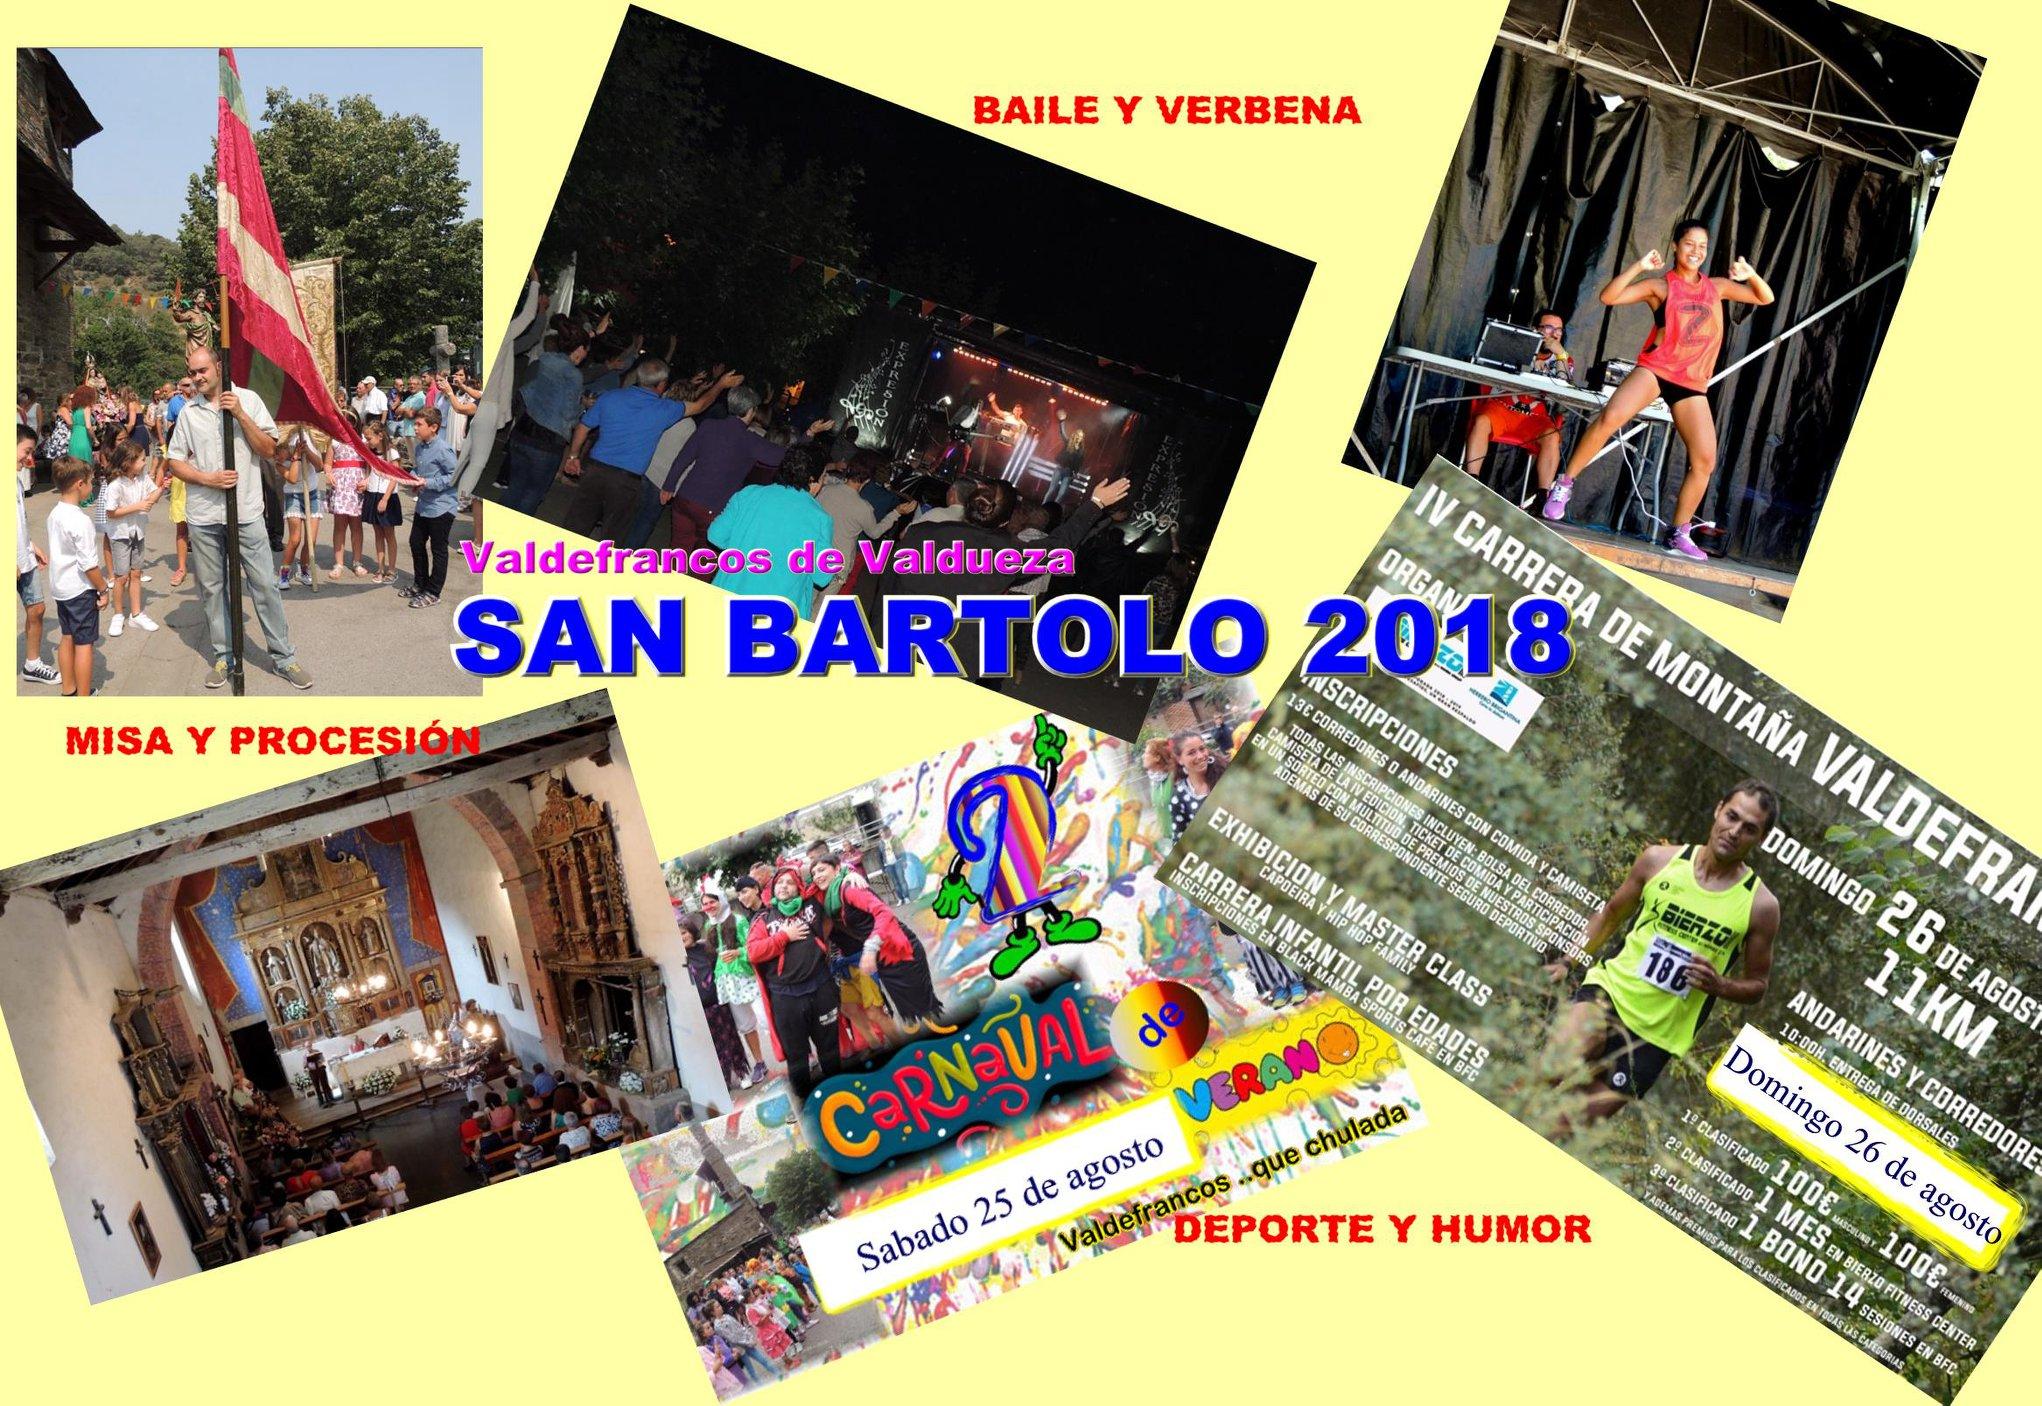 Fiestas en Valdefrancos de Valdueza 2